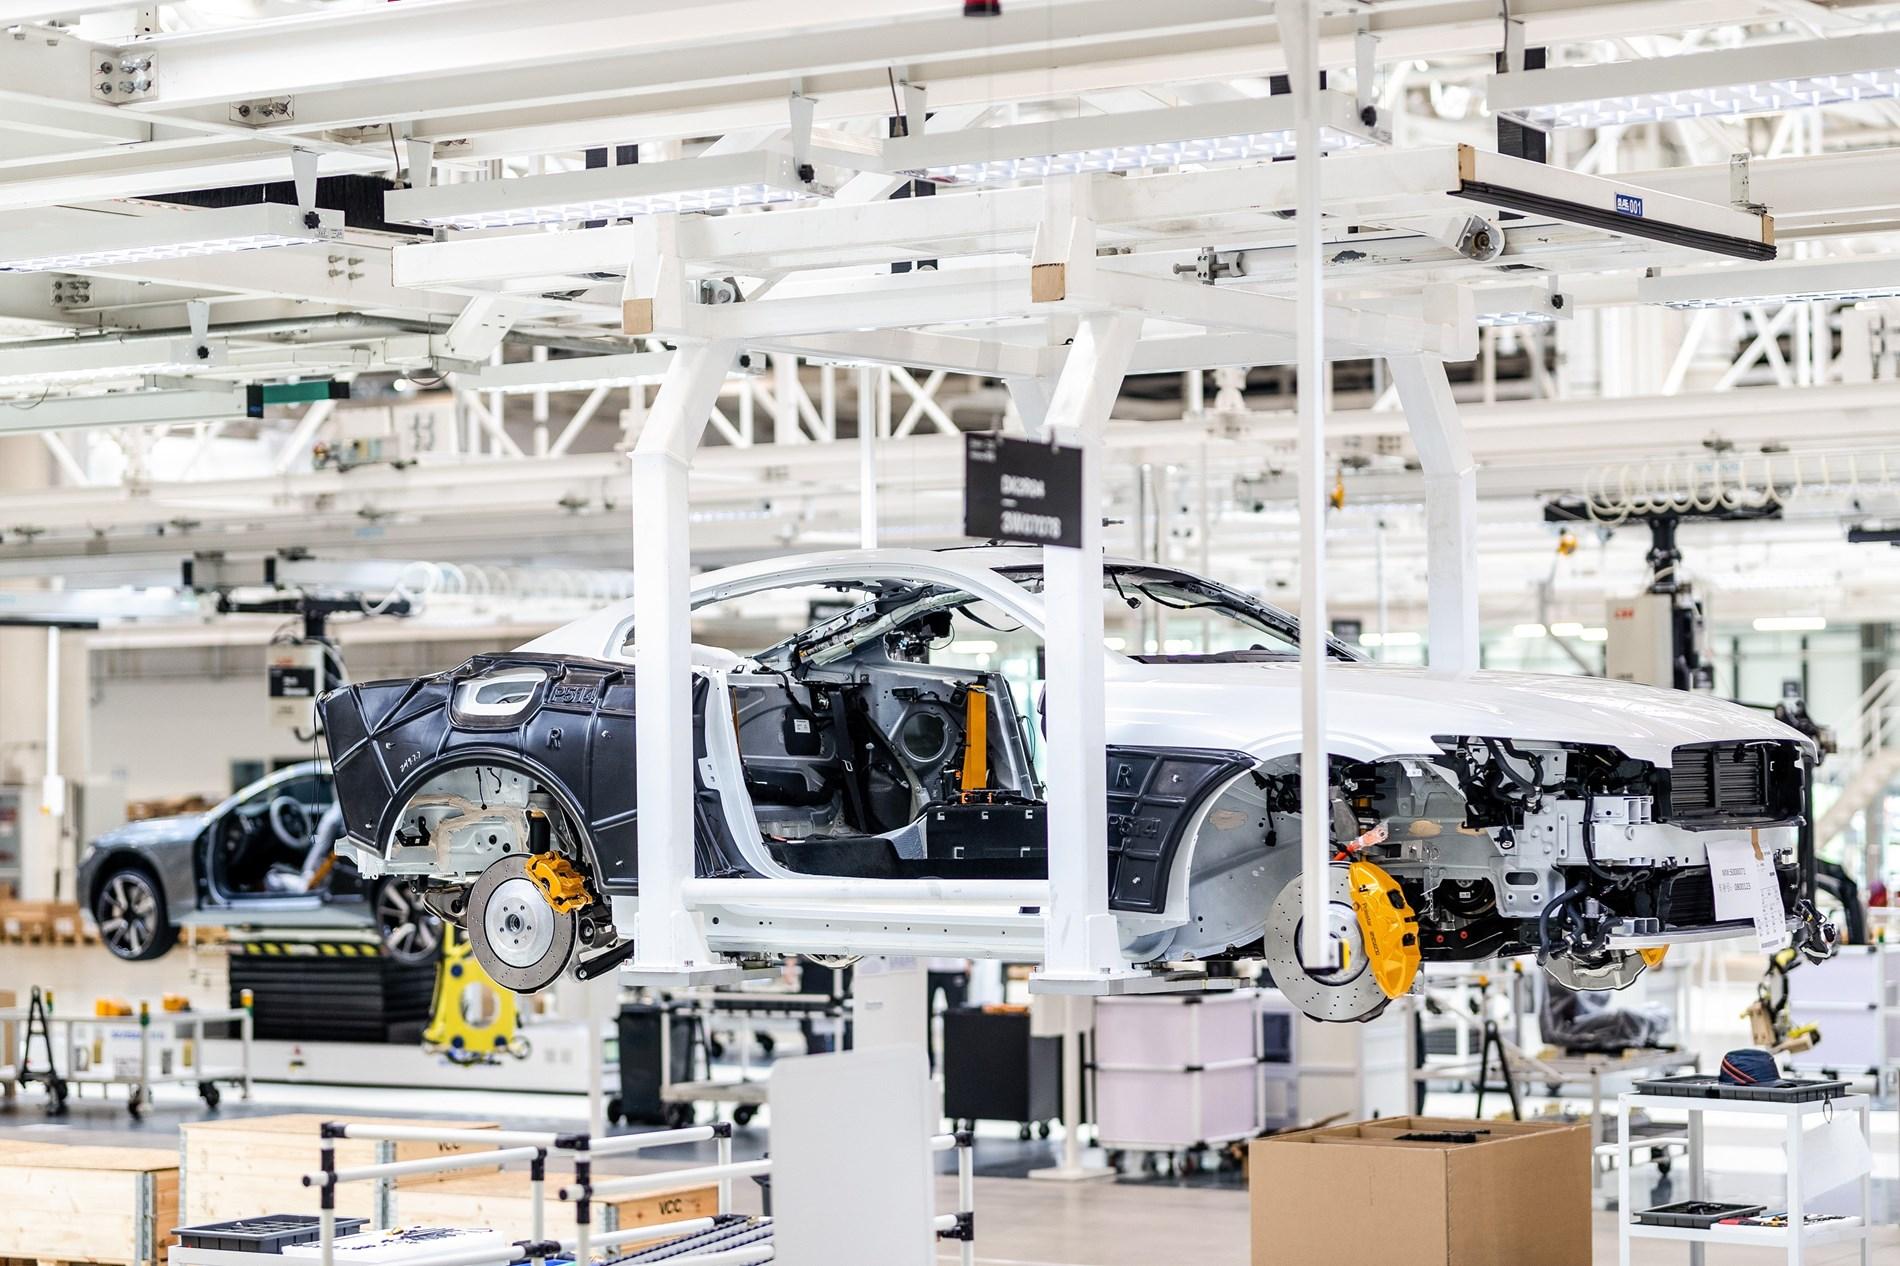 Polestar begint productie met prototypen Polestar 2 in fabriek in Luqiao